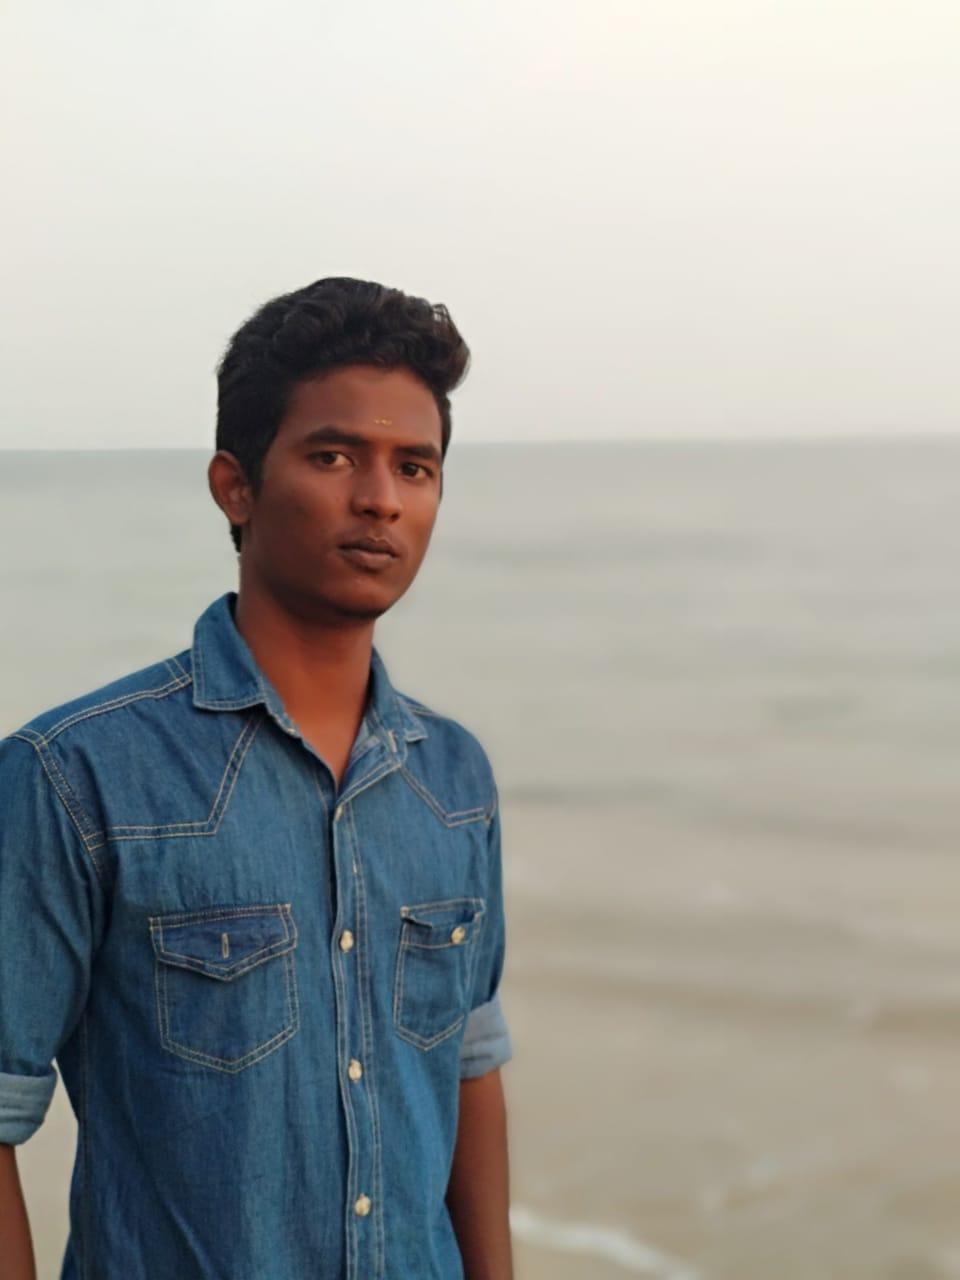 மூளைச்சாவு அடைந்த விக்னேஷ்